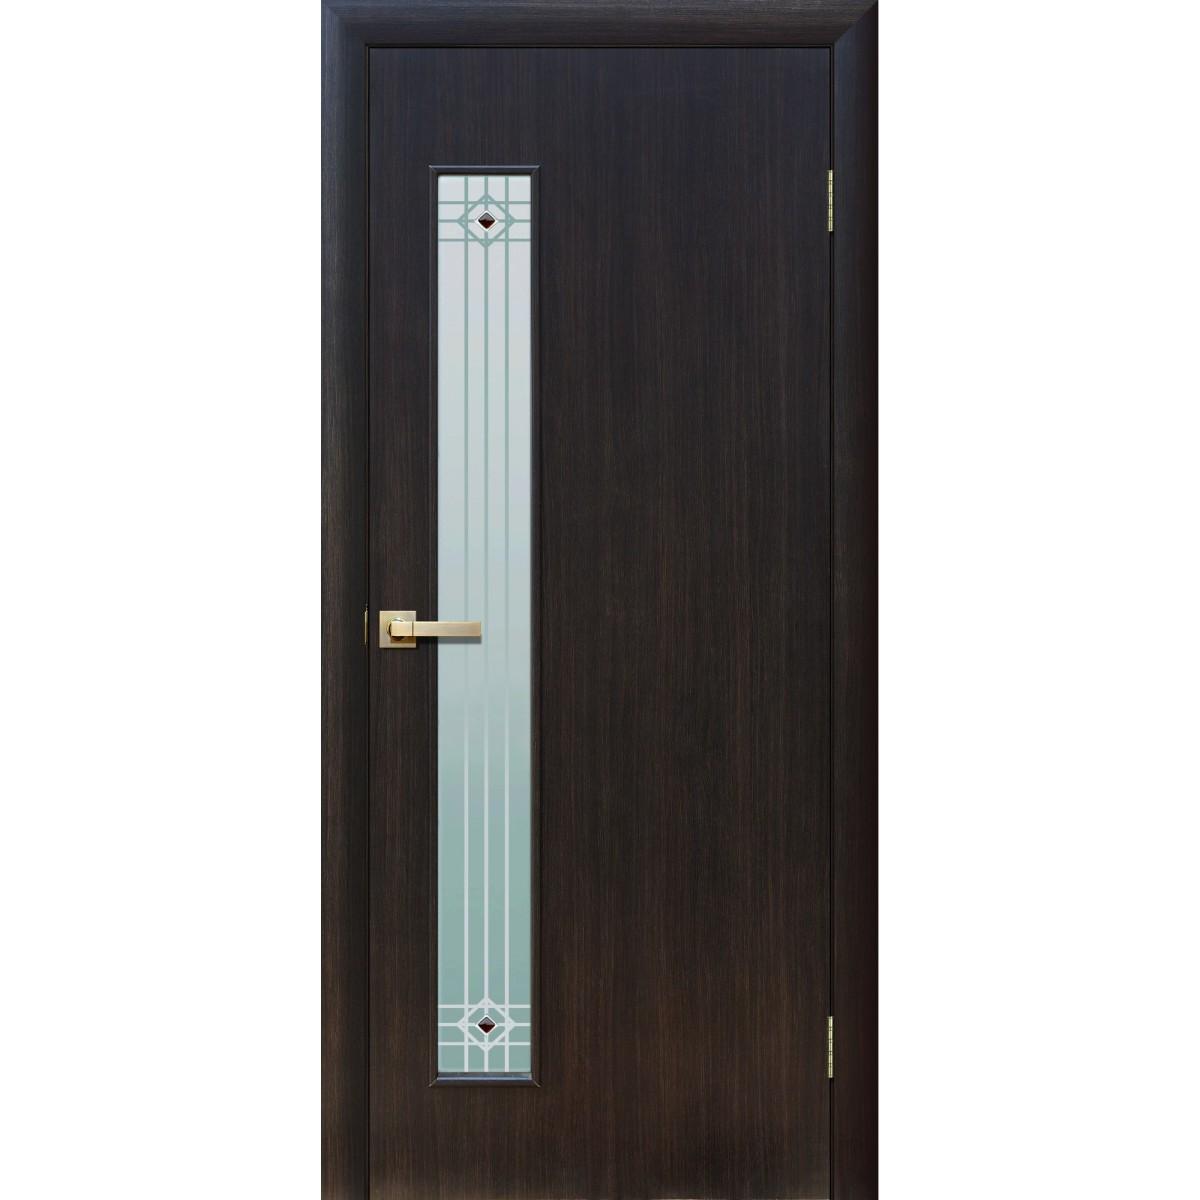 Дверь межкомнатная остеклённая Стандарт 80x200 см ламинация цвет дуб феррара